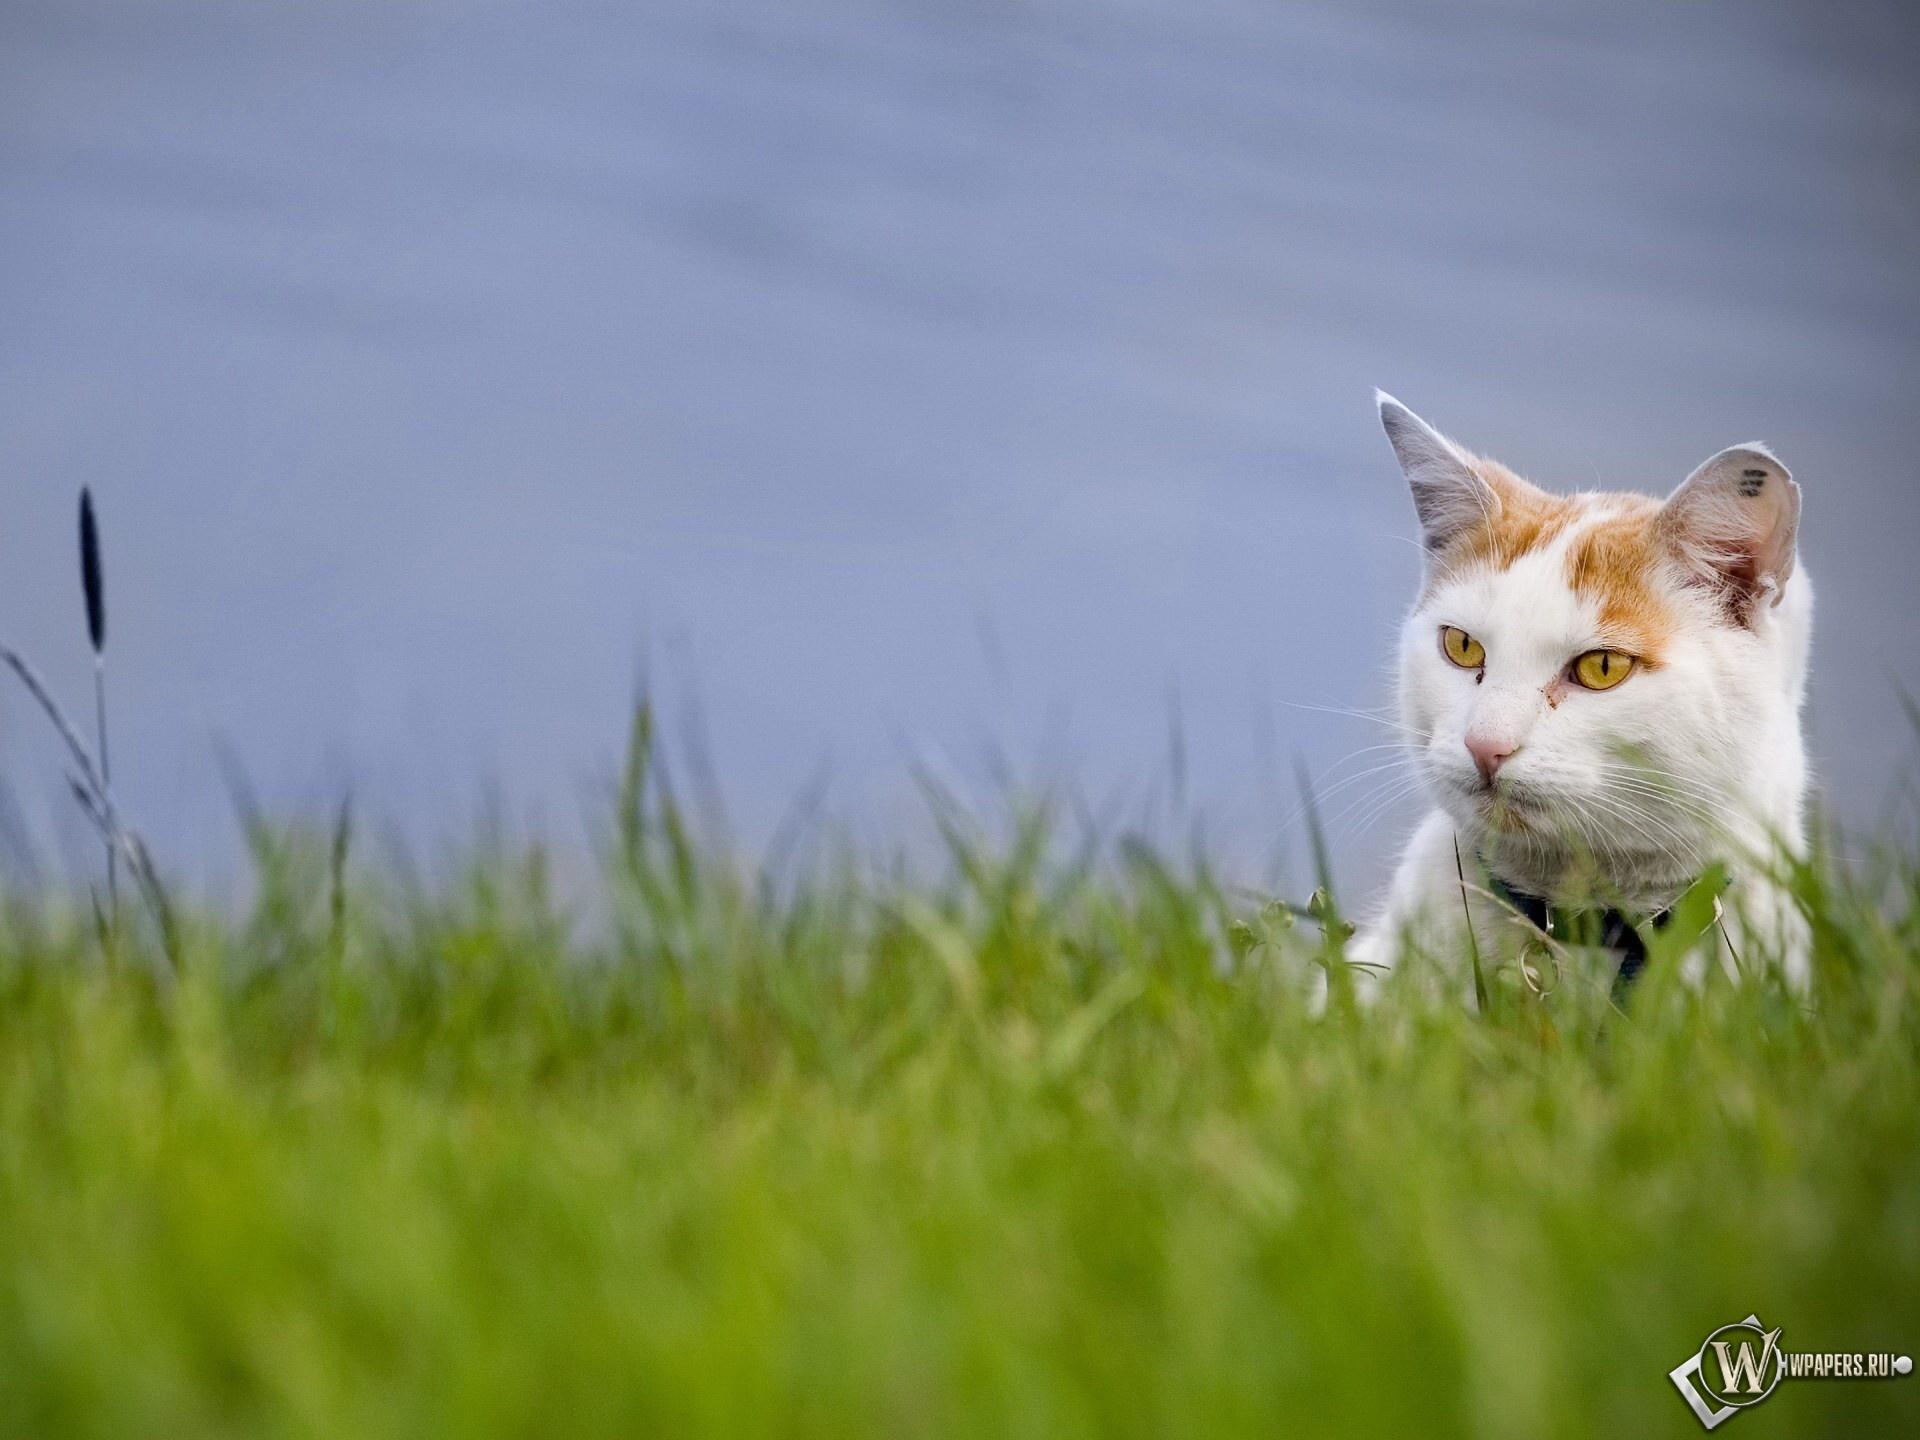 Кот в траве 1920x1440